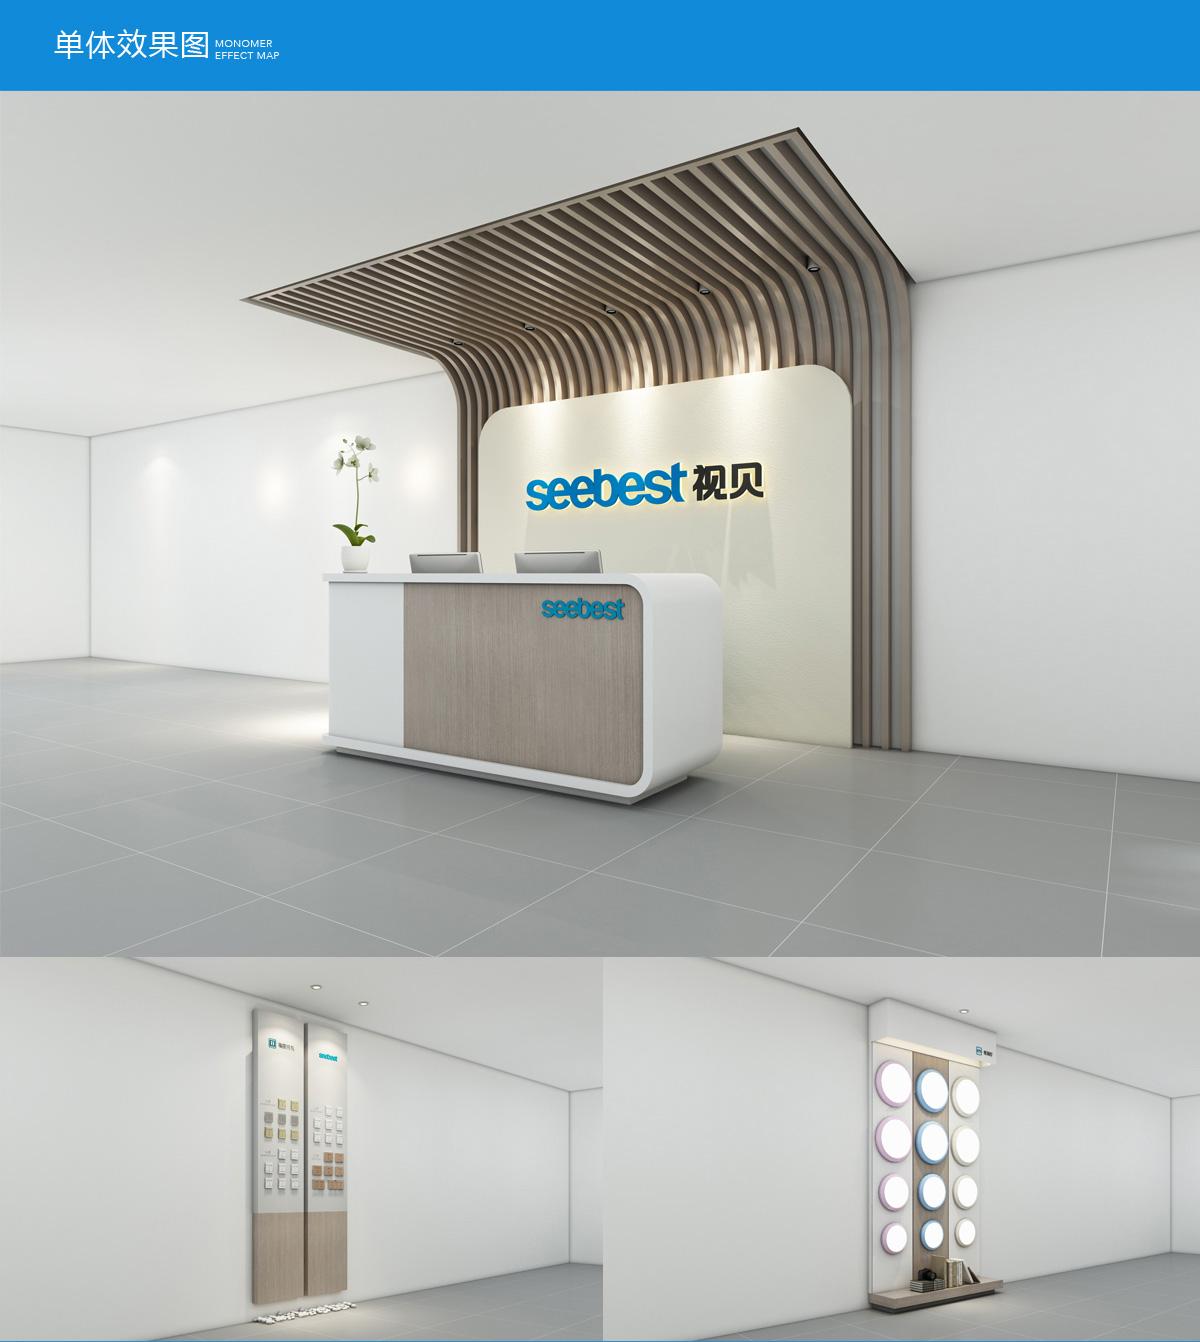 视贝照明品牌形象设计/包装设计/商业空间设计7